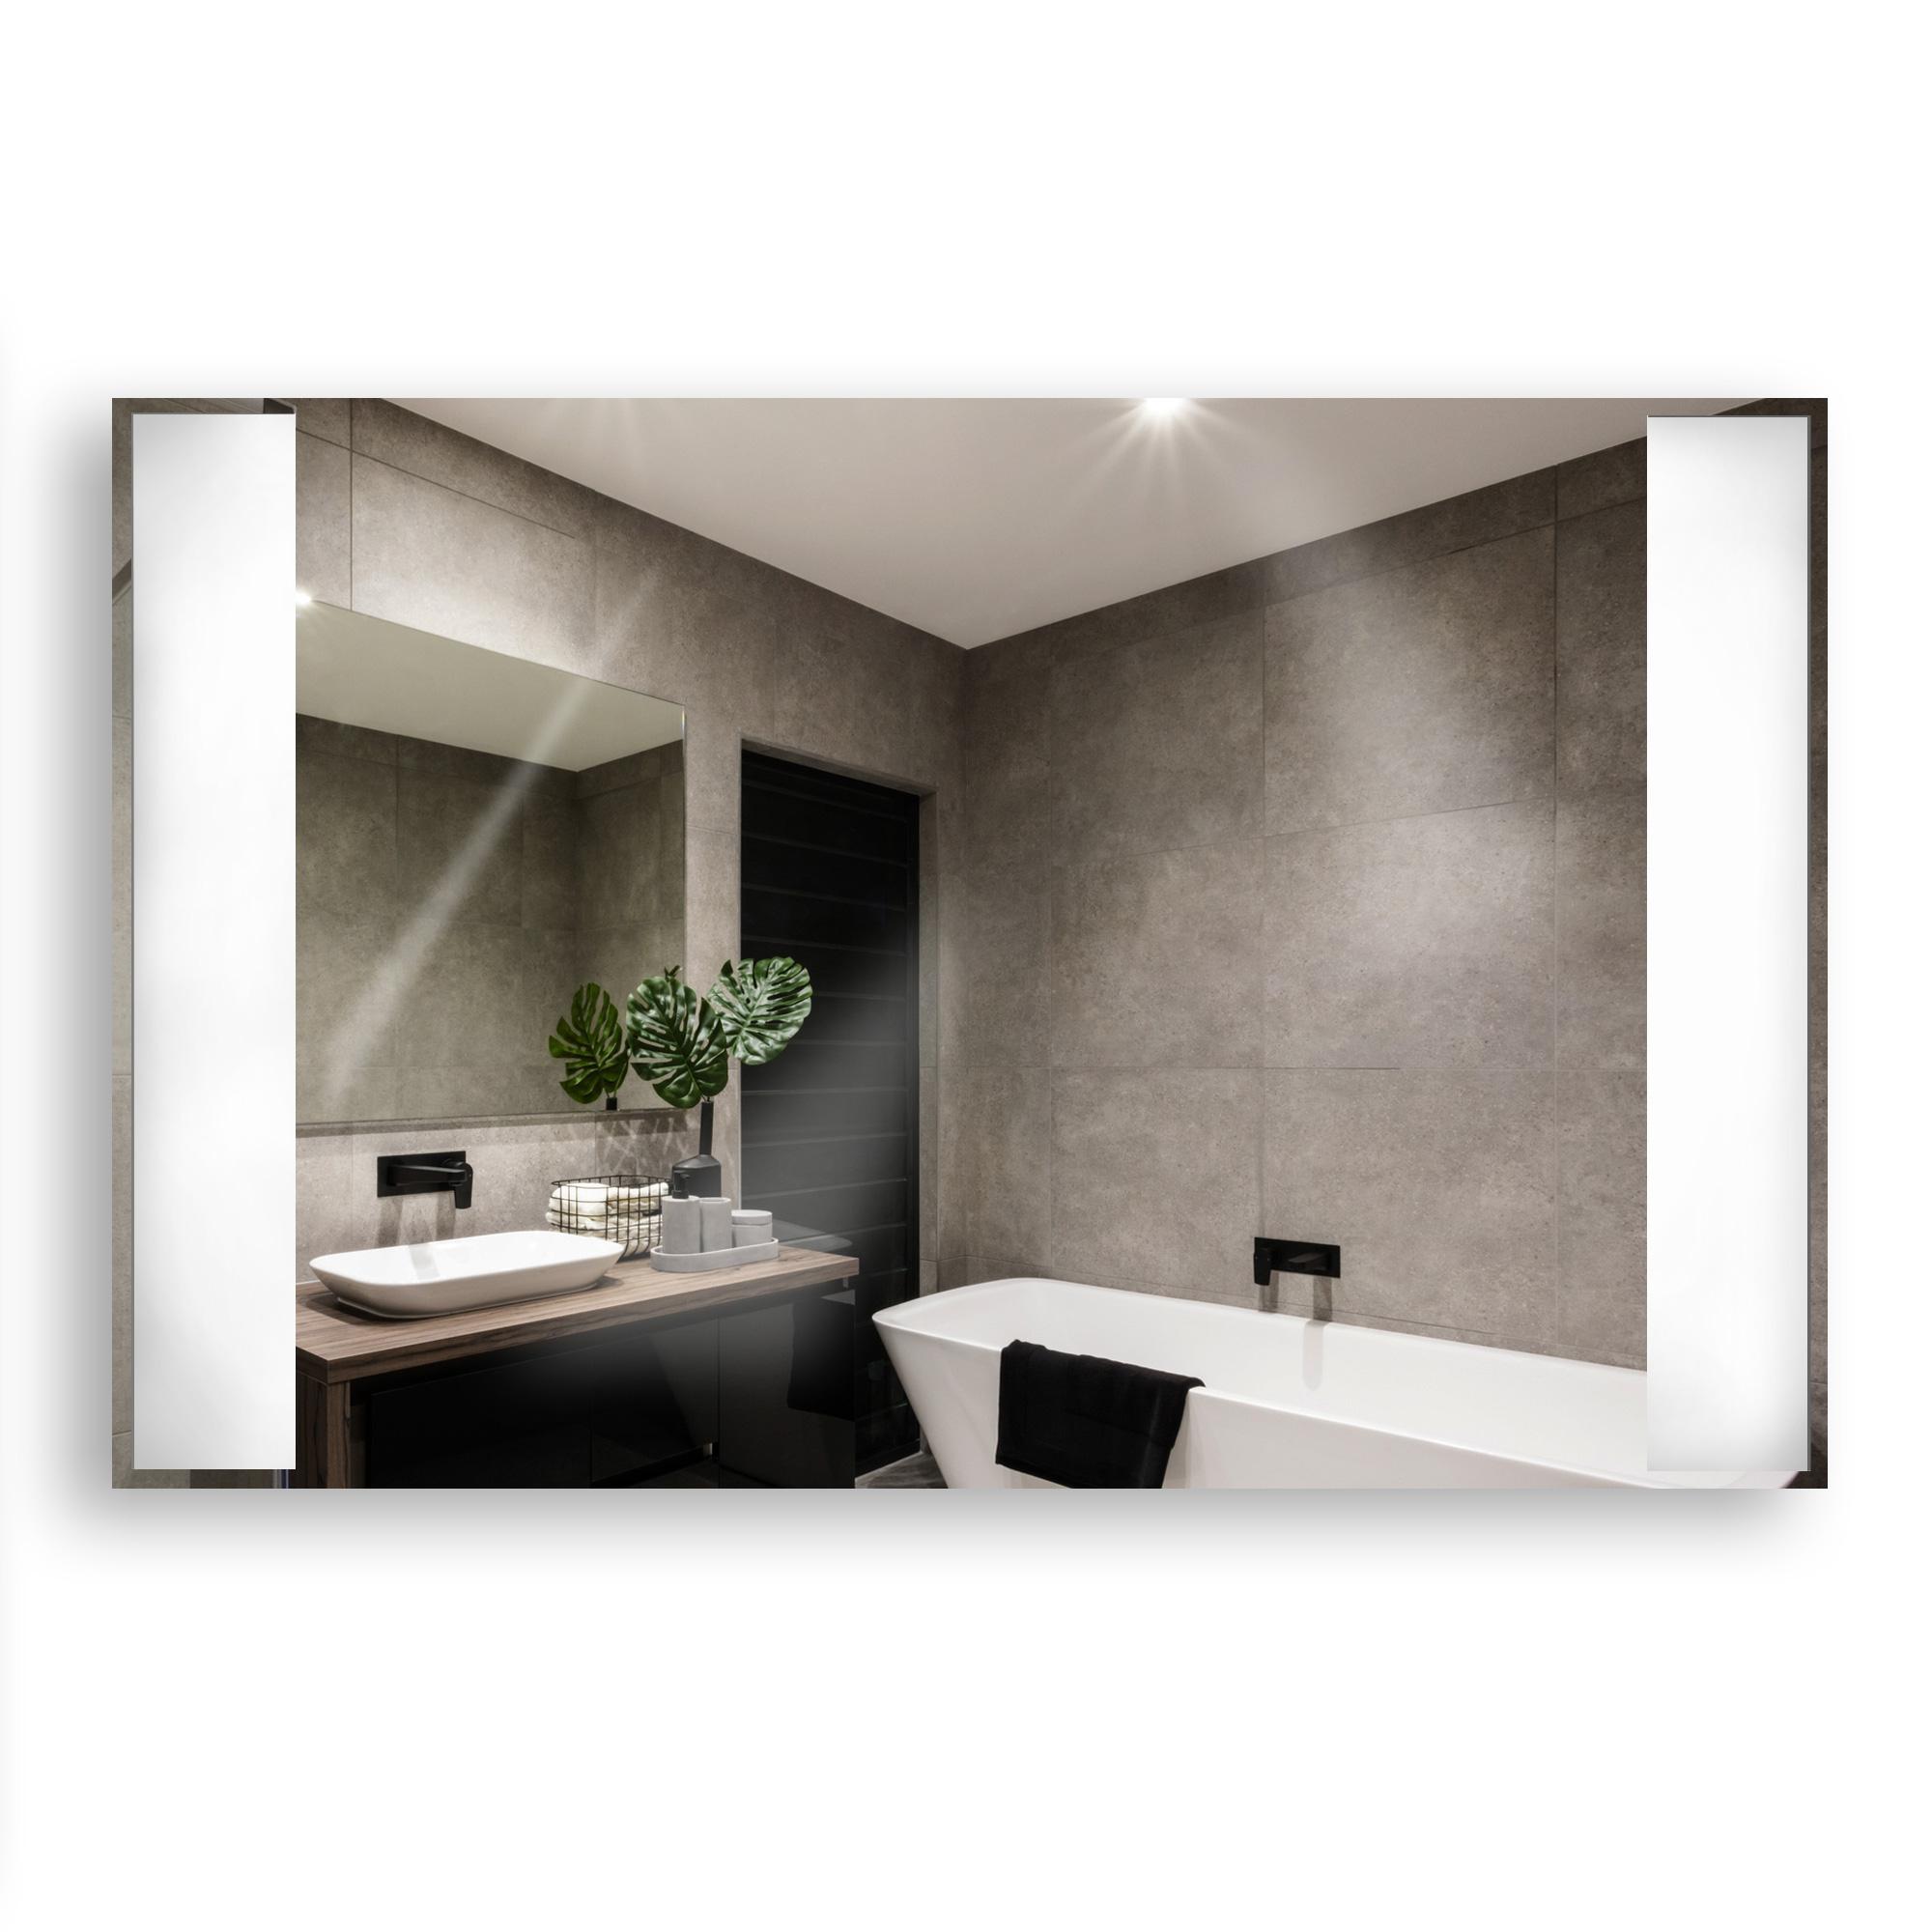 Spiegelheizkörper mit Infrarot Wärme und LED Licht